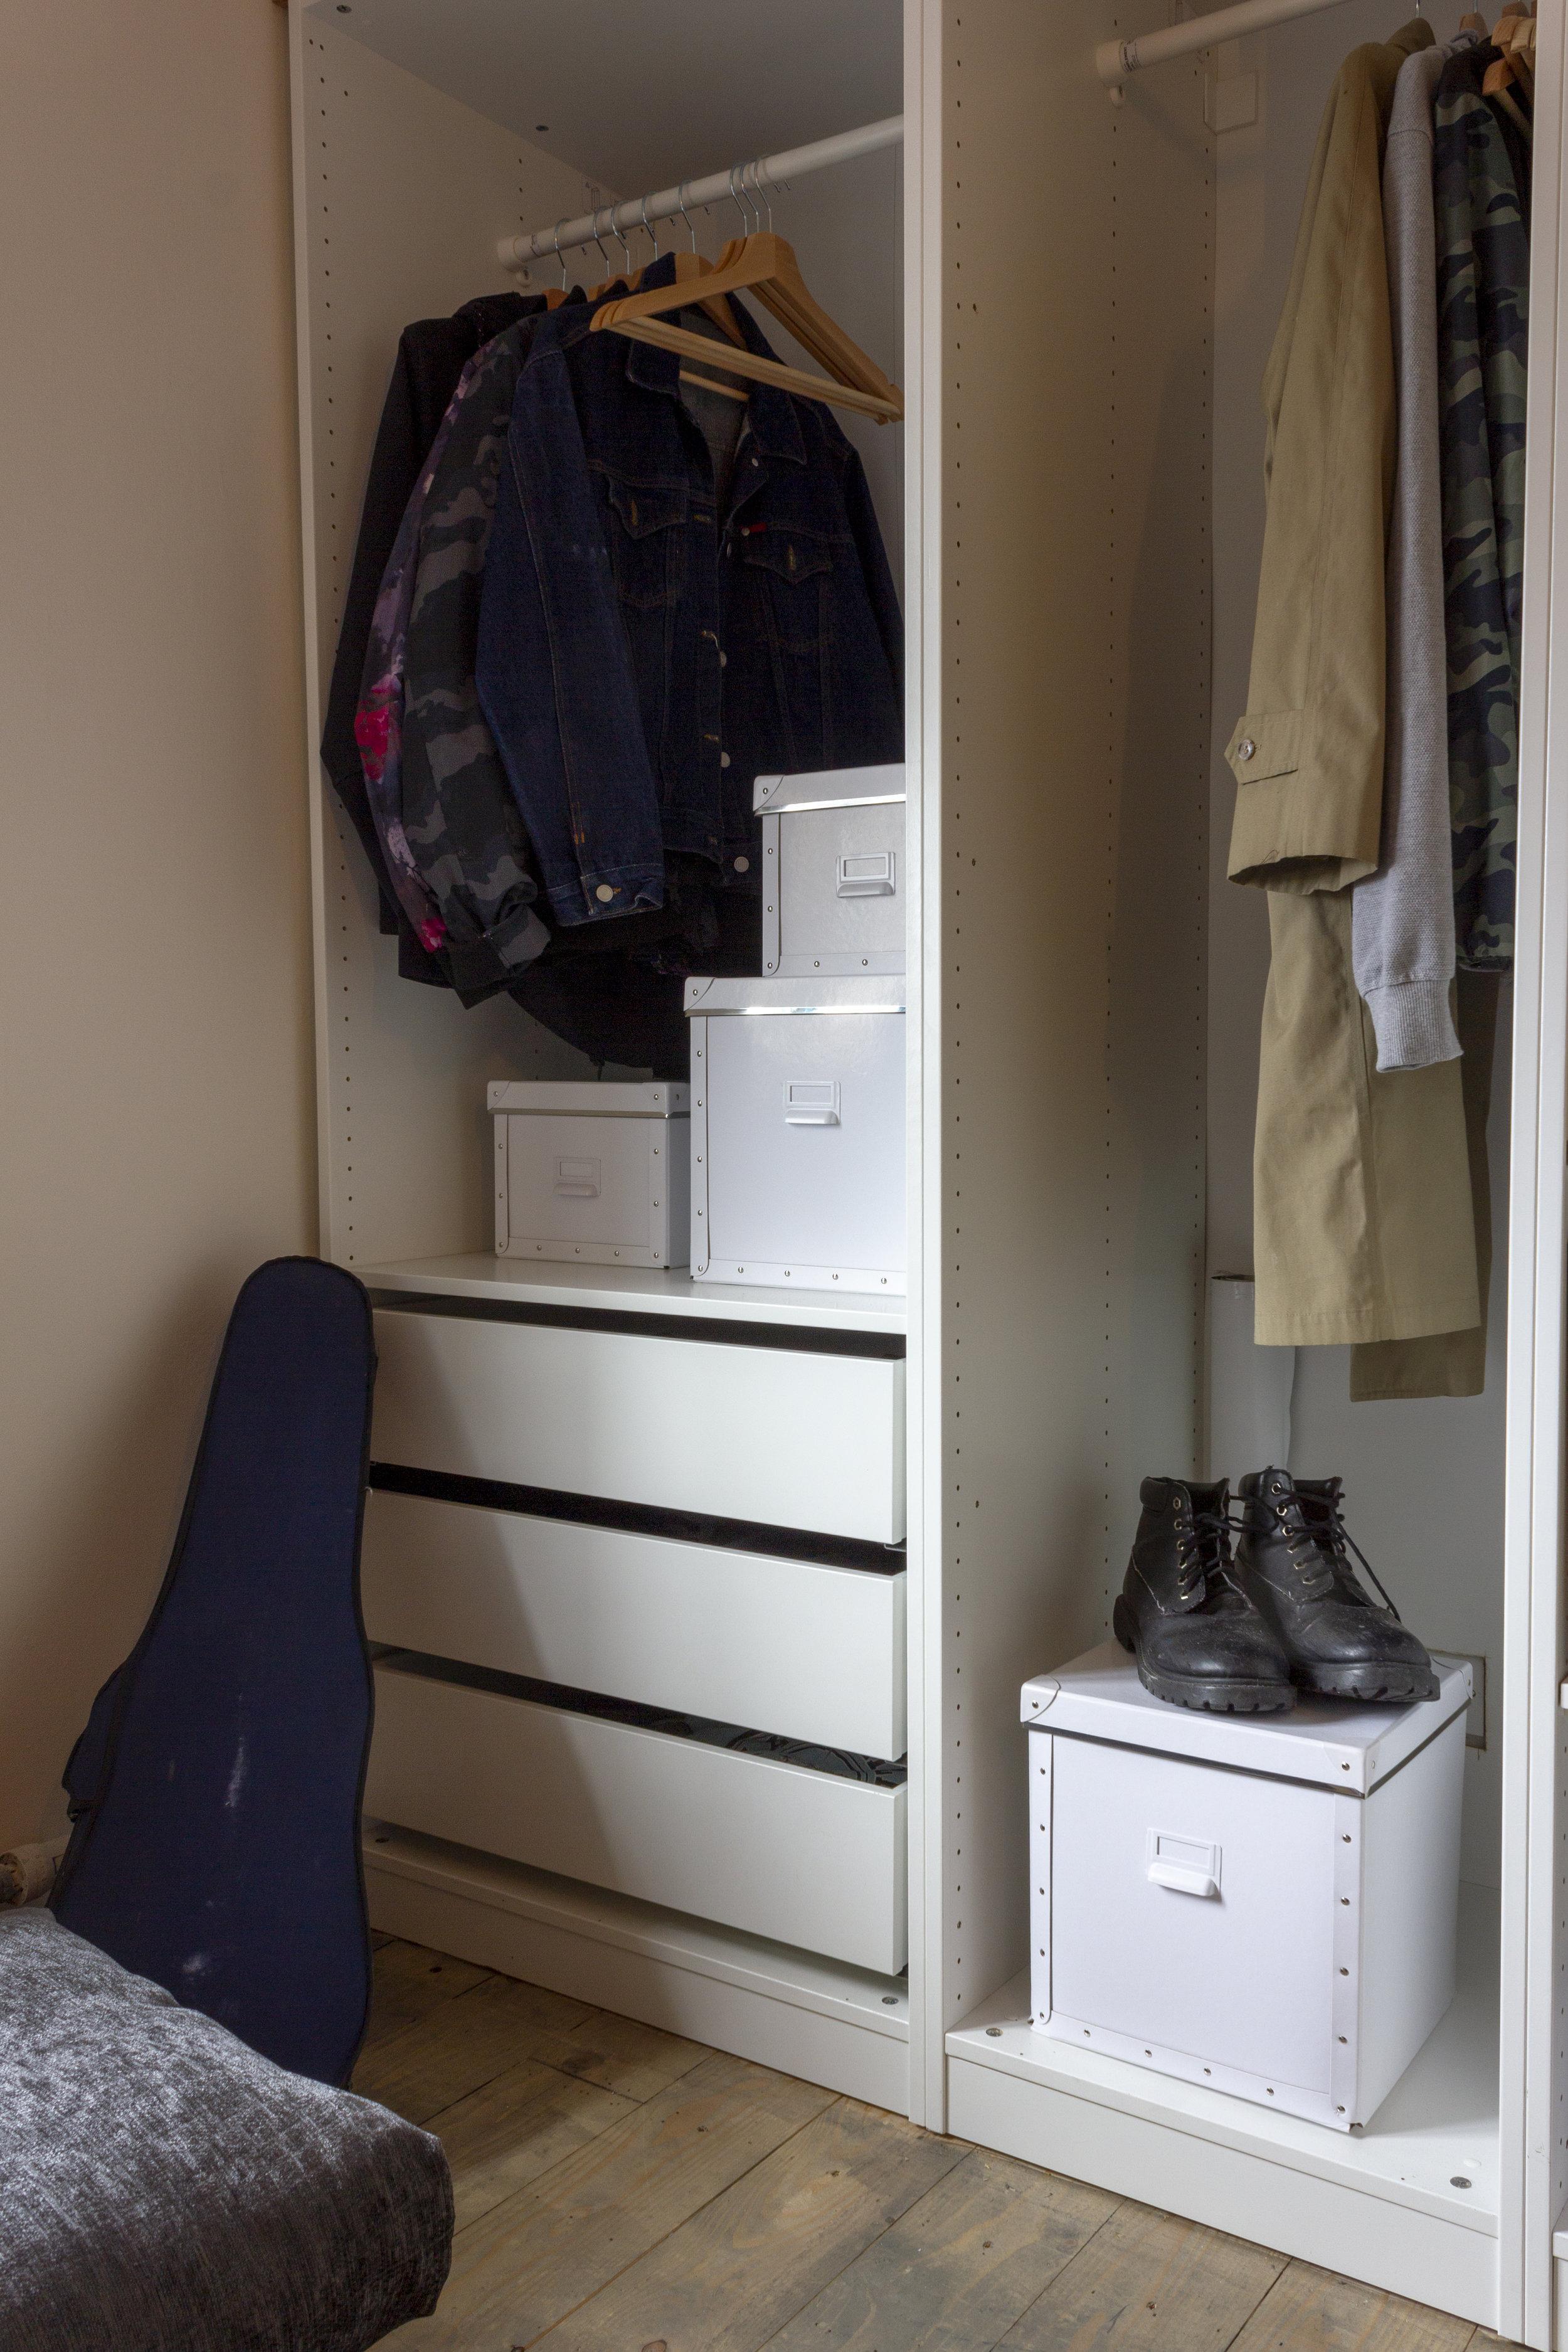 HR - Laytown - After - Bedroom 10.jpg